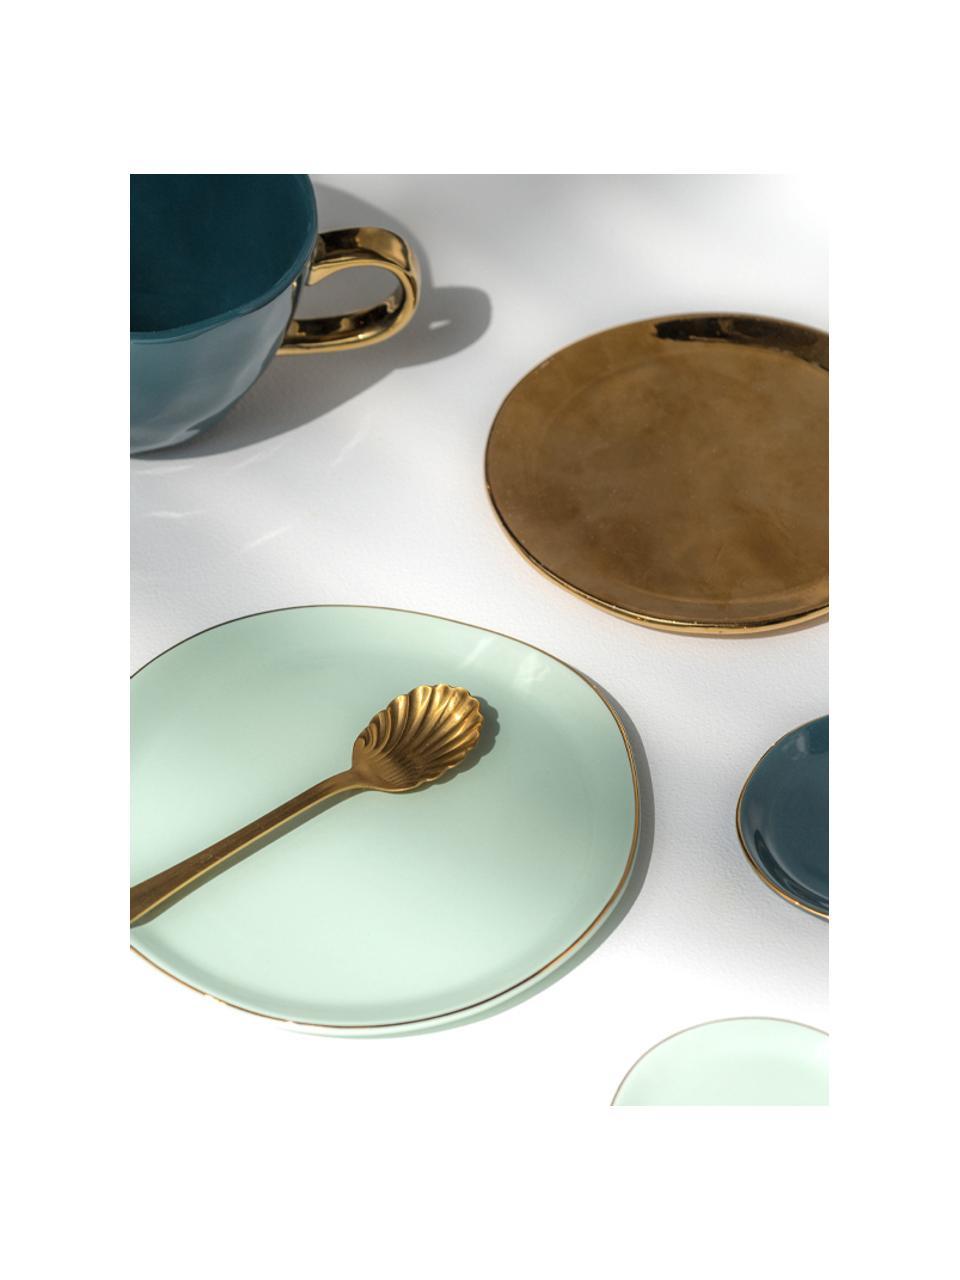 Talerz śniadaniowy Good Morning, Porcelana, Miętowy, odcienie złotego, Ø 17 cm